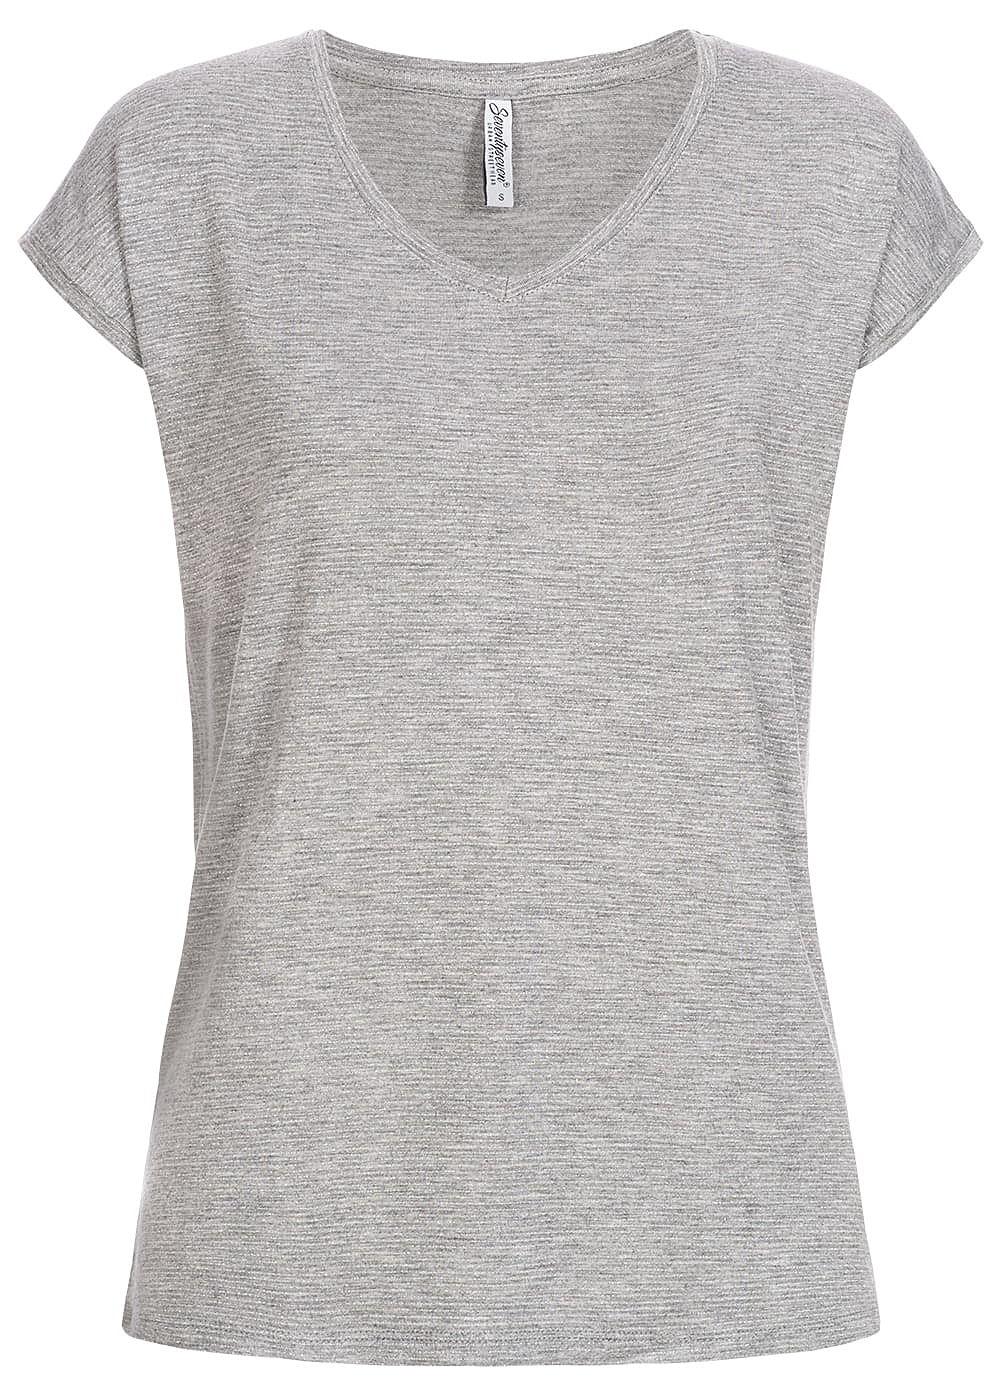 Seventyseven Lifestyle Damen T-Shirt Lurex Streifen grau